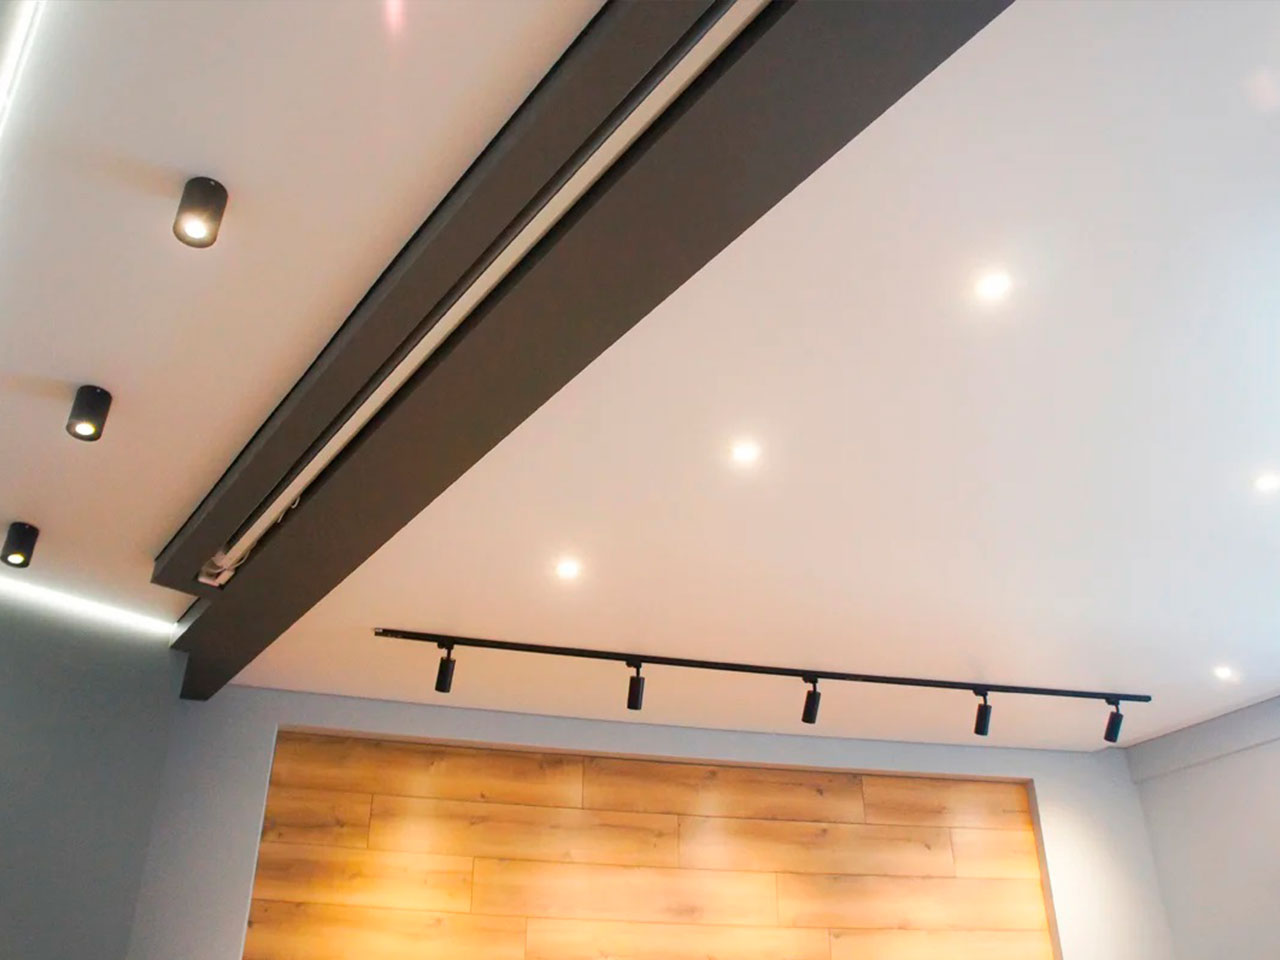 натяжные потолки с теневым контуром